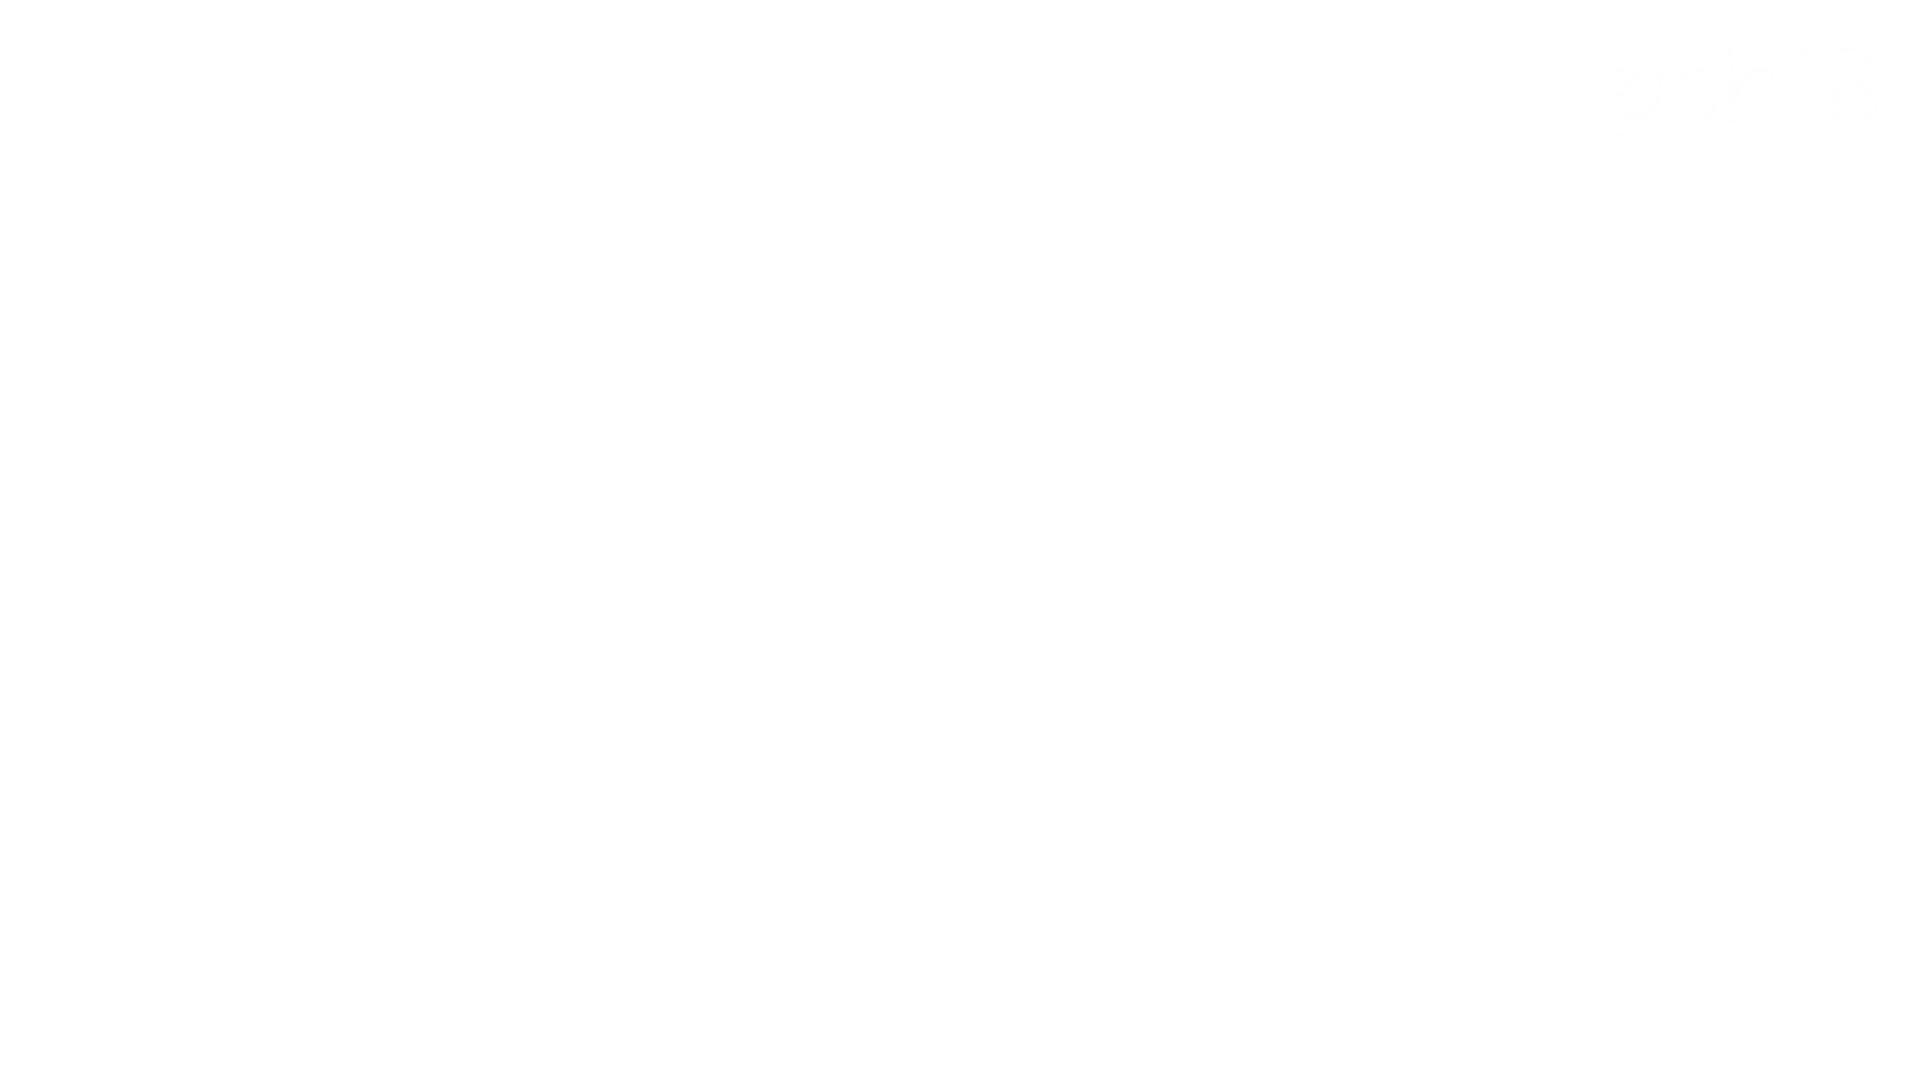 ▲復活限定▲ハイビジョン 盗神伝 Vol.18 丸見え おめこ無修正動画無料 104枚 48